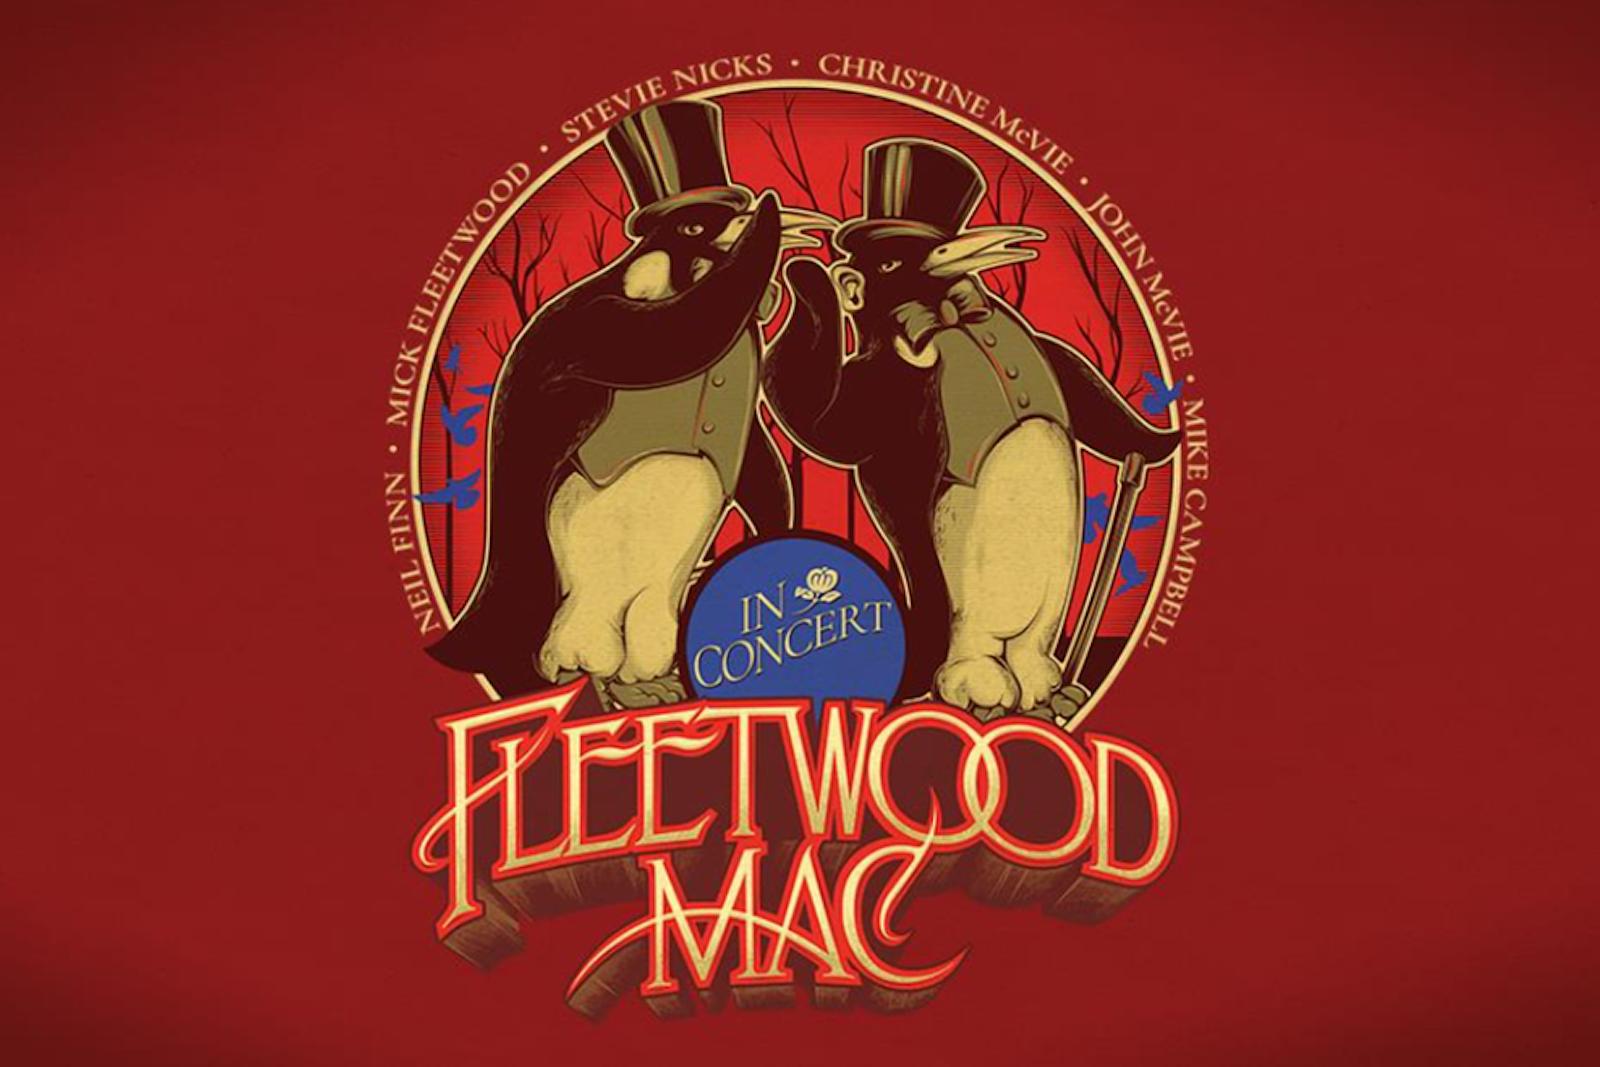 Fleetwood Mac Announce Expansive 2018-19 Tour